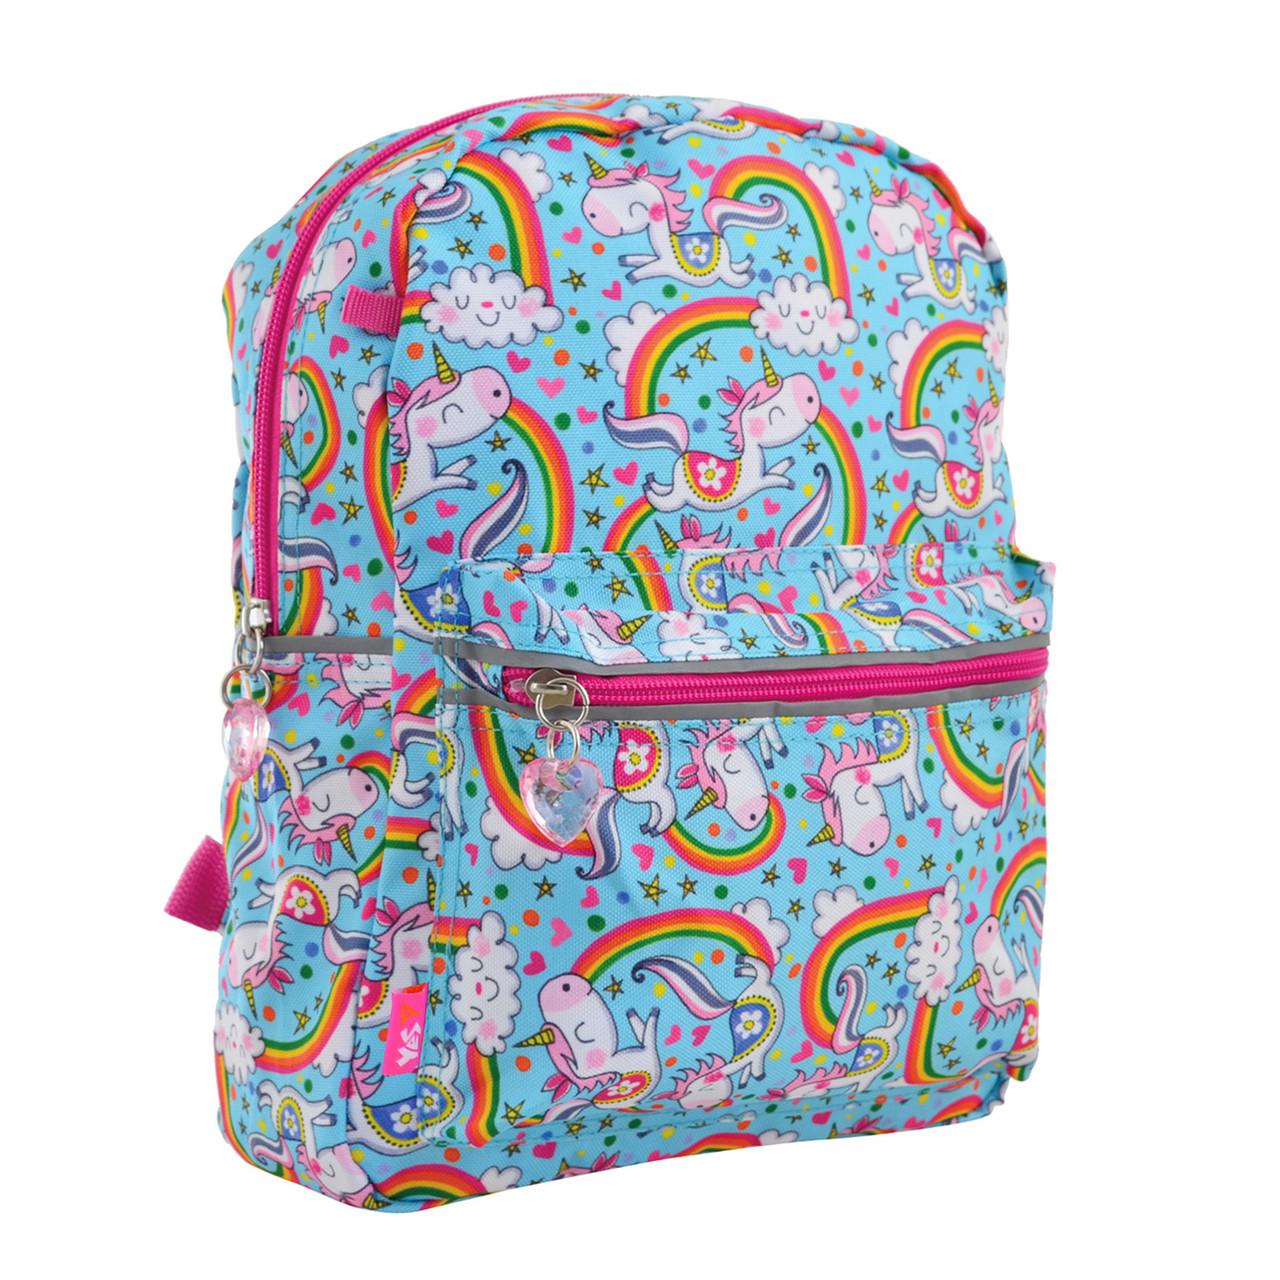 Рюкзак детский дошкольный YES, двухсторонний K-32 Rachell Pattern код: 556849